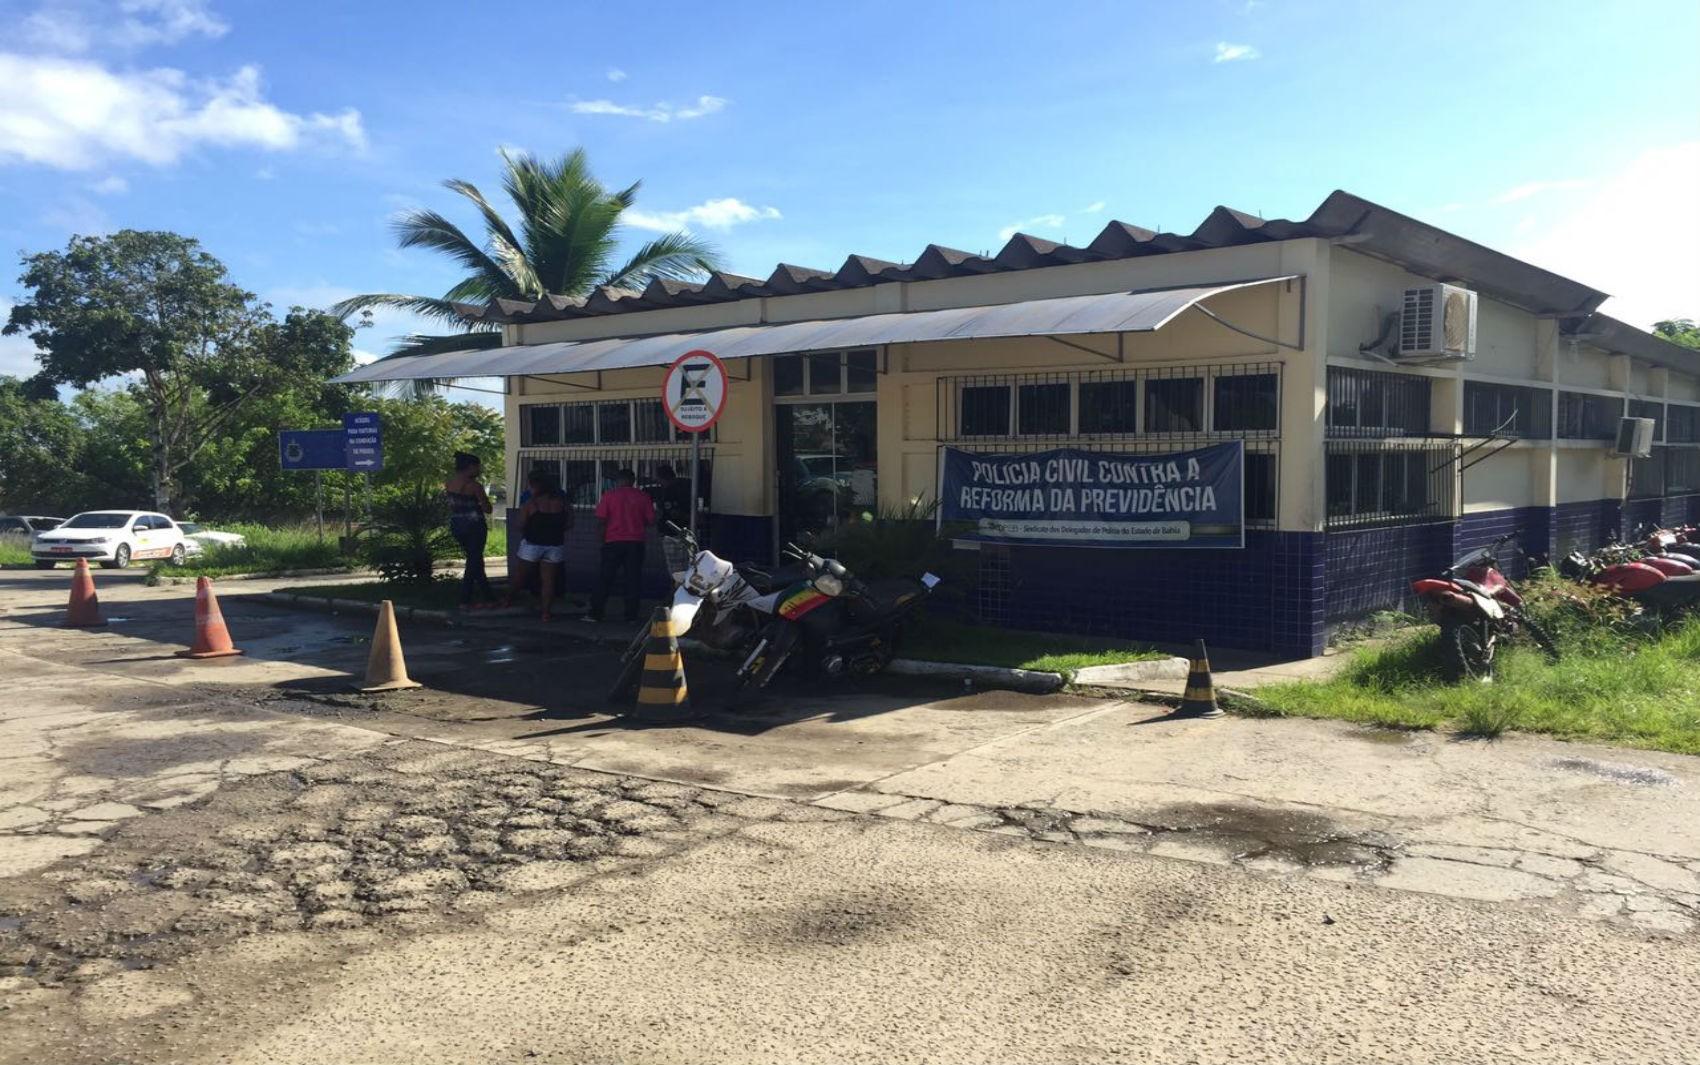 Suspeito de matar ex-cunhada em SP e deixar corpo em frente a casa da família é preso na Bahia - Noticias